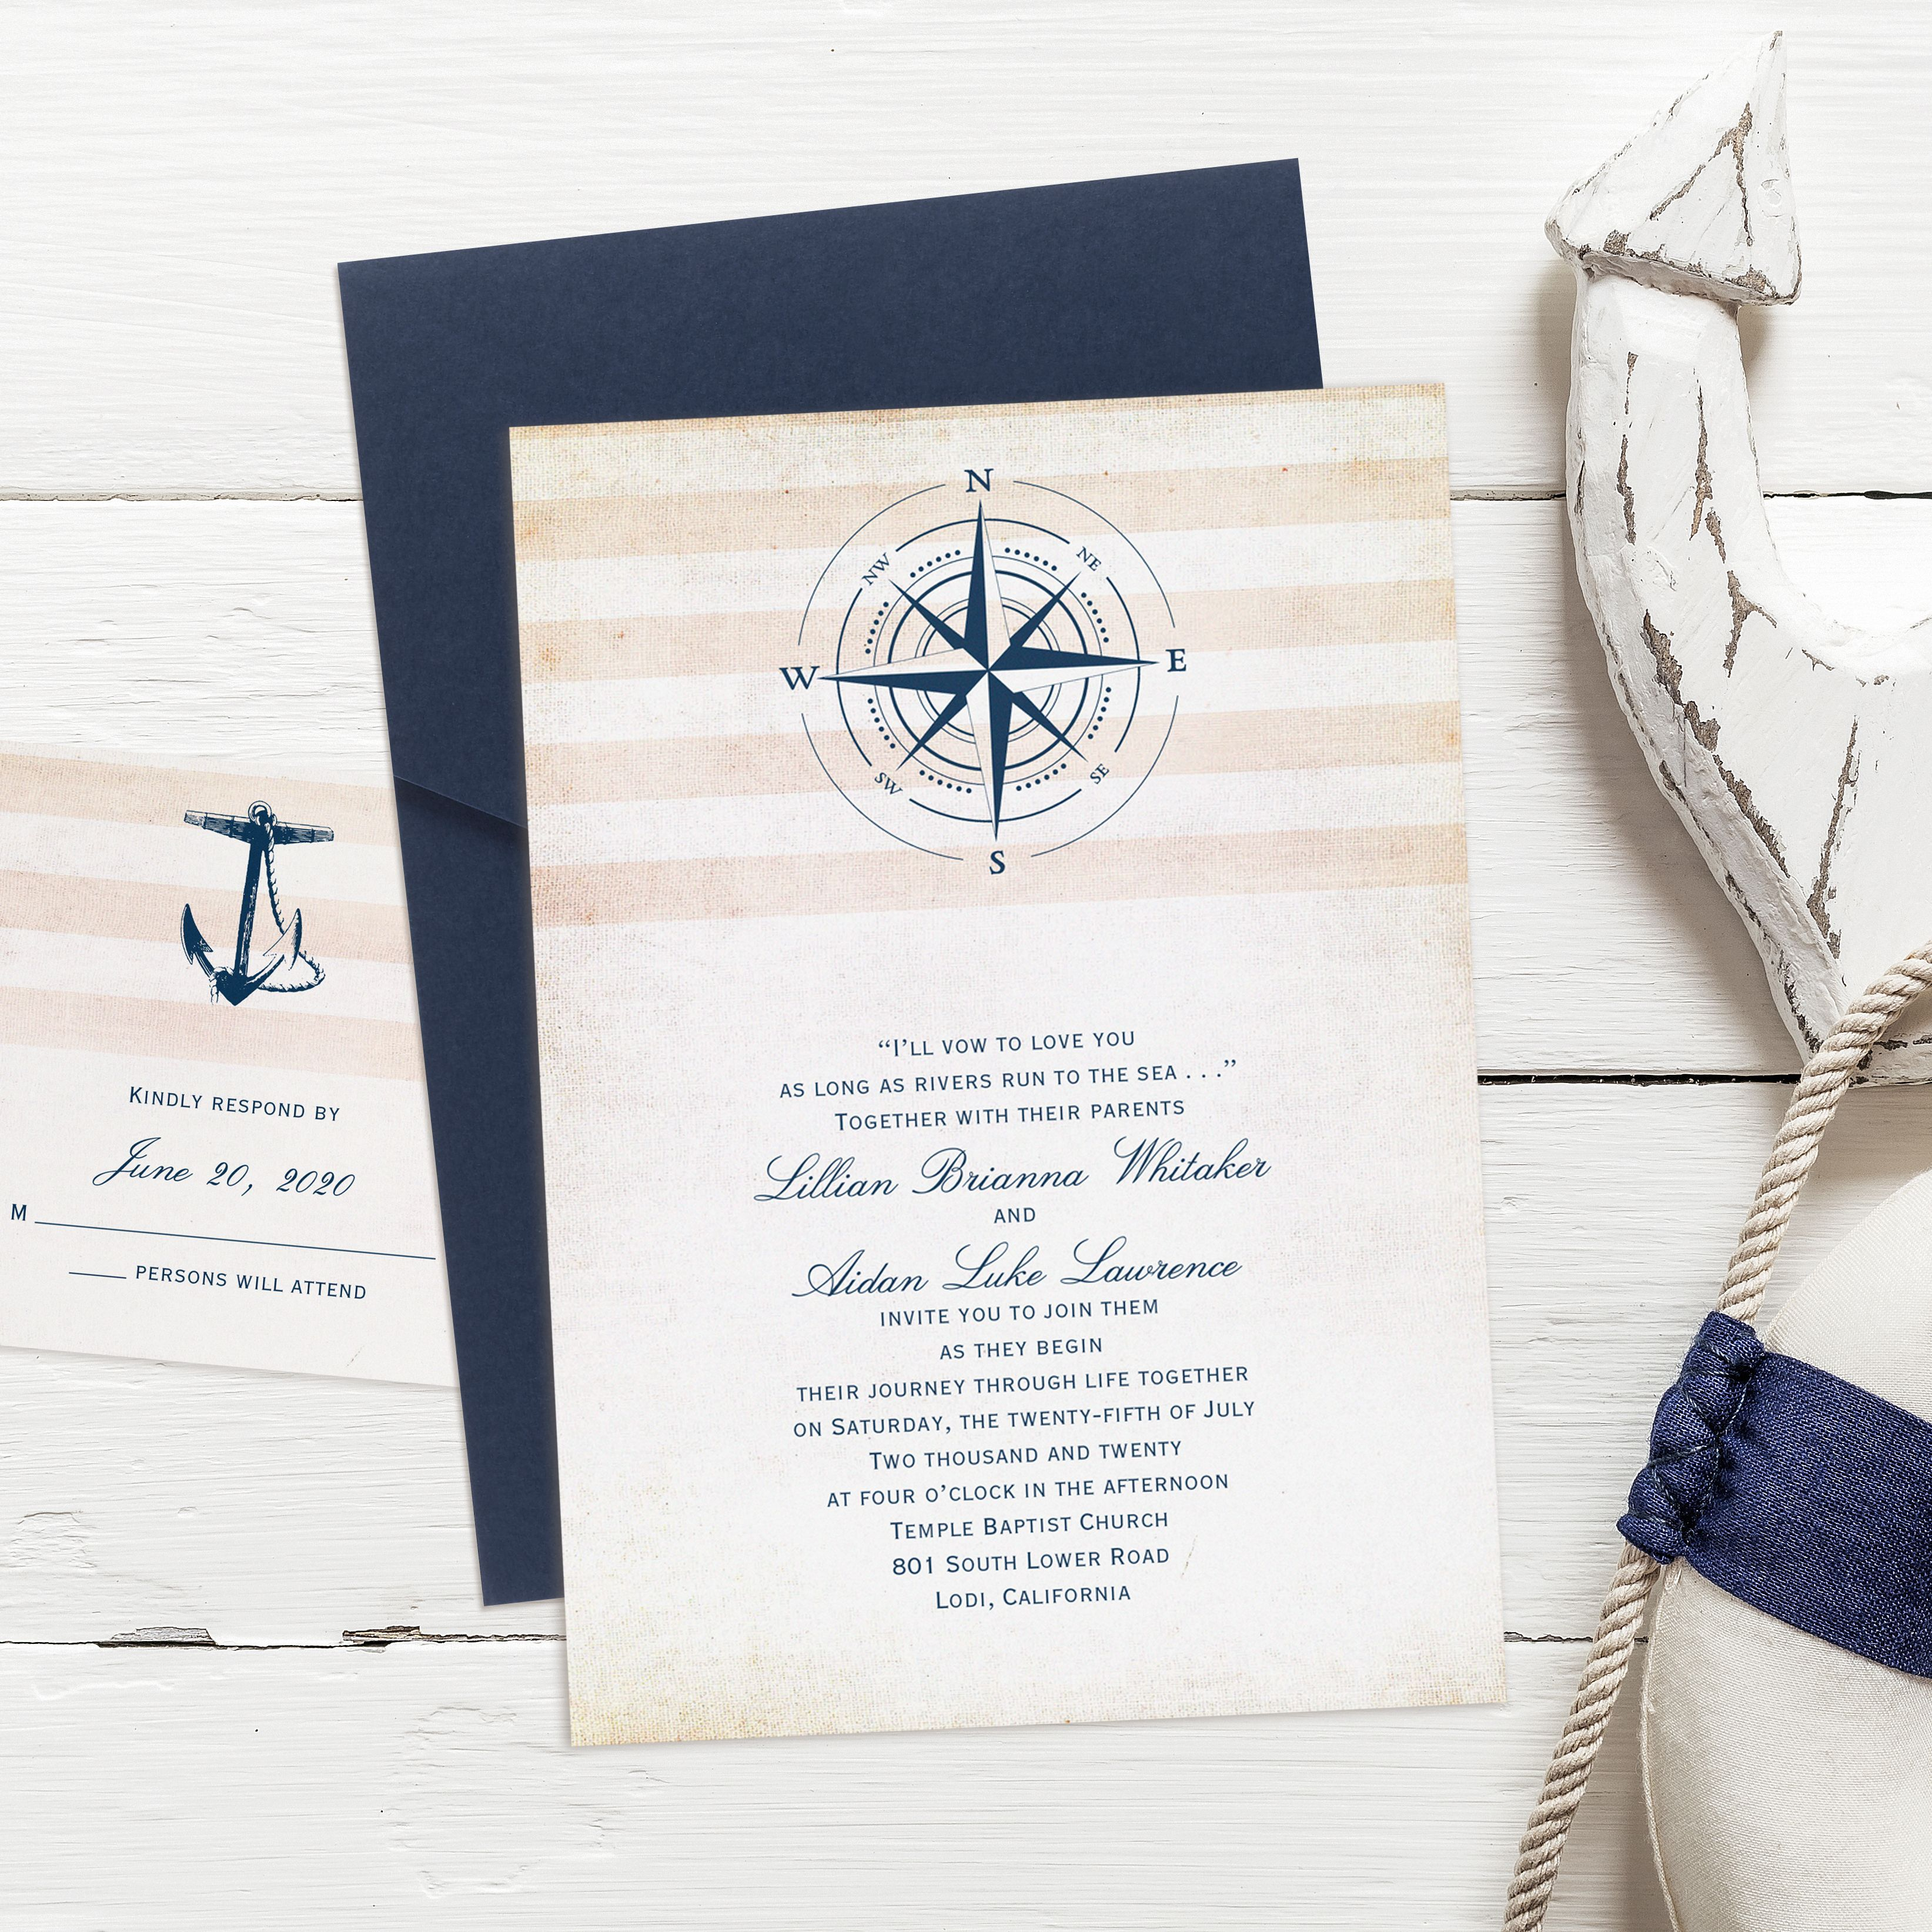 Elegant Nautical Wedding Invitations: This Classy Nautical Invitation Fits Into An Elegant Navy